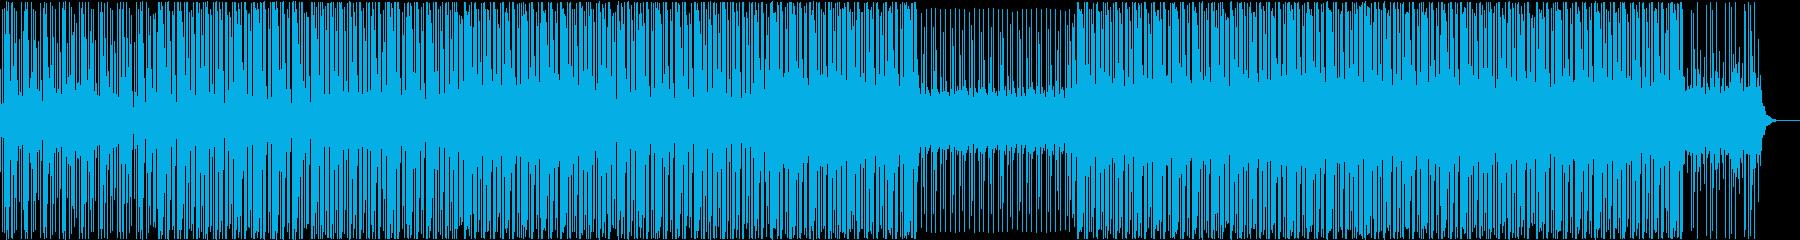 コミカル、シンセ、4つ打ち、ベース、宇宙の再生済みの波形